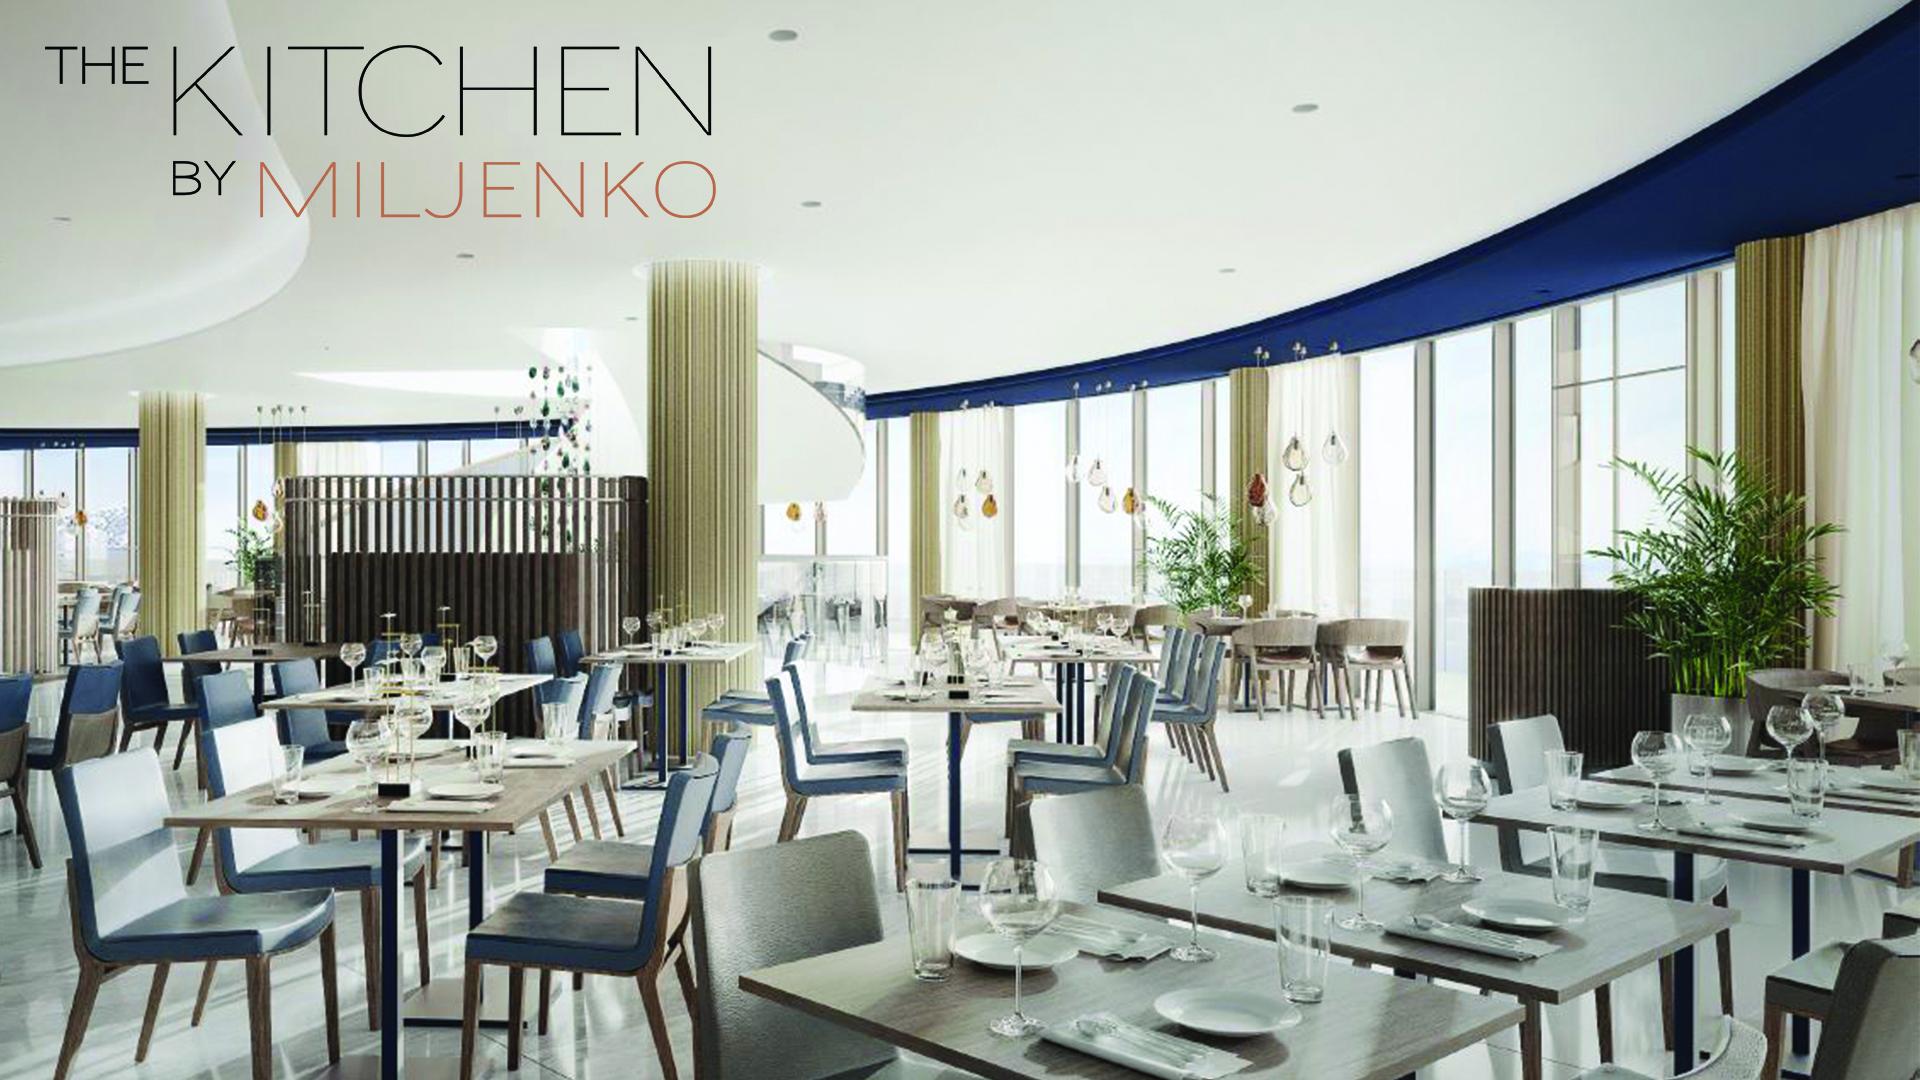 The Kitchen by Miljenko